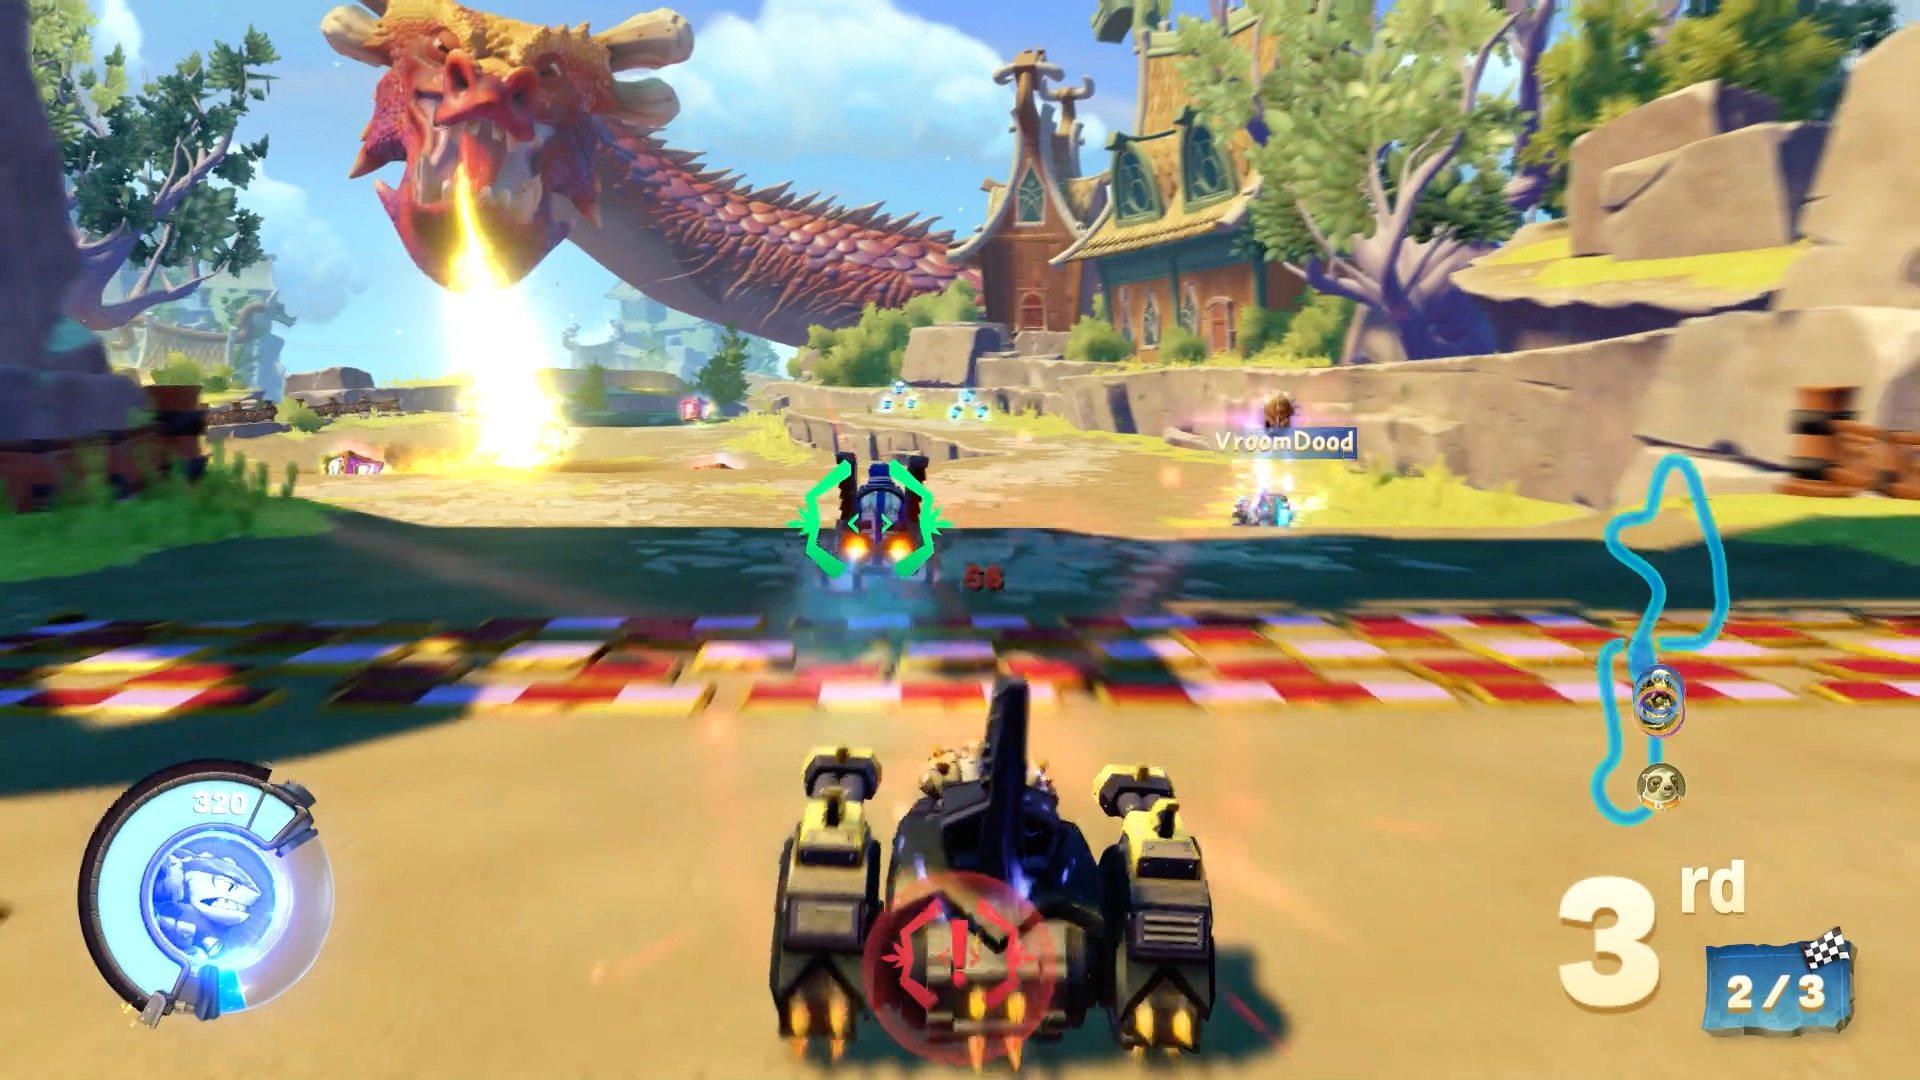 'Skylanders SuperChargers' Go Racing Online